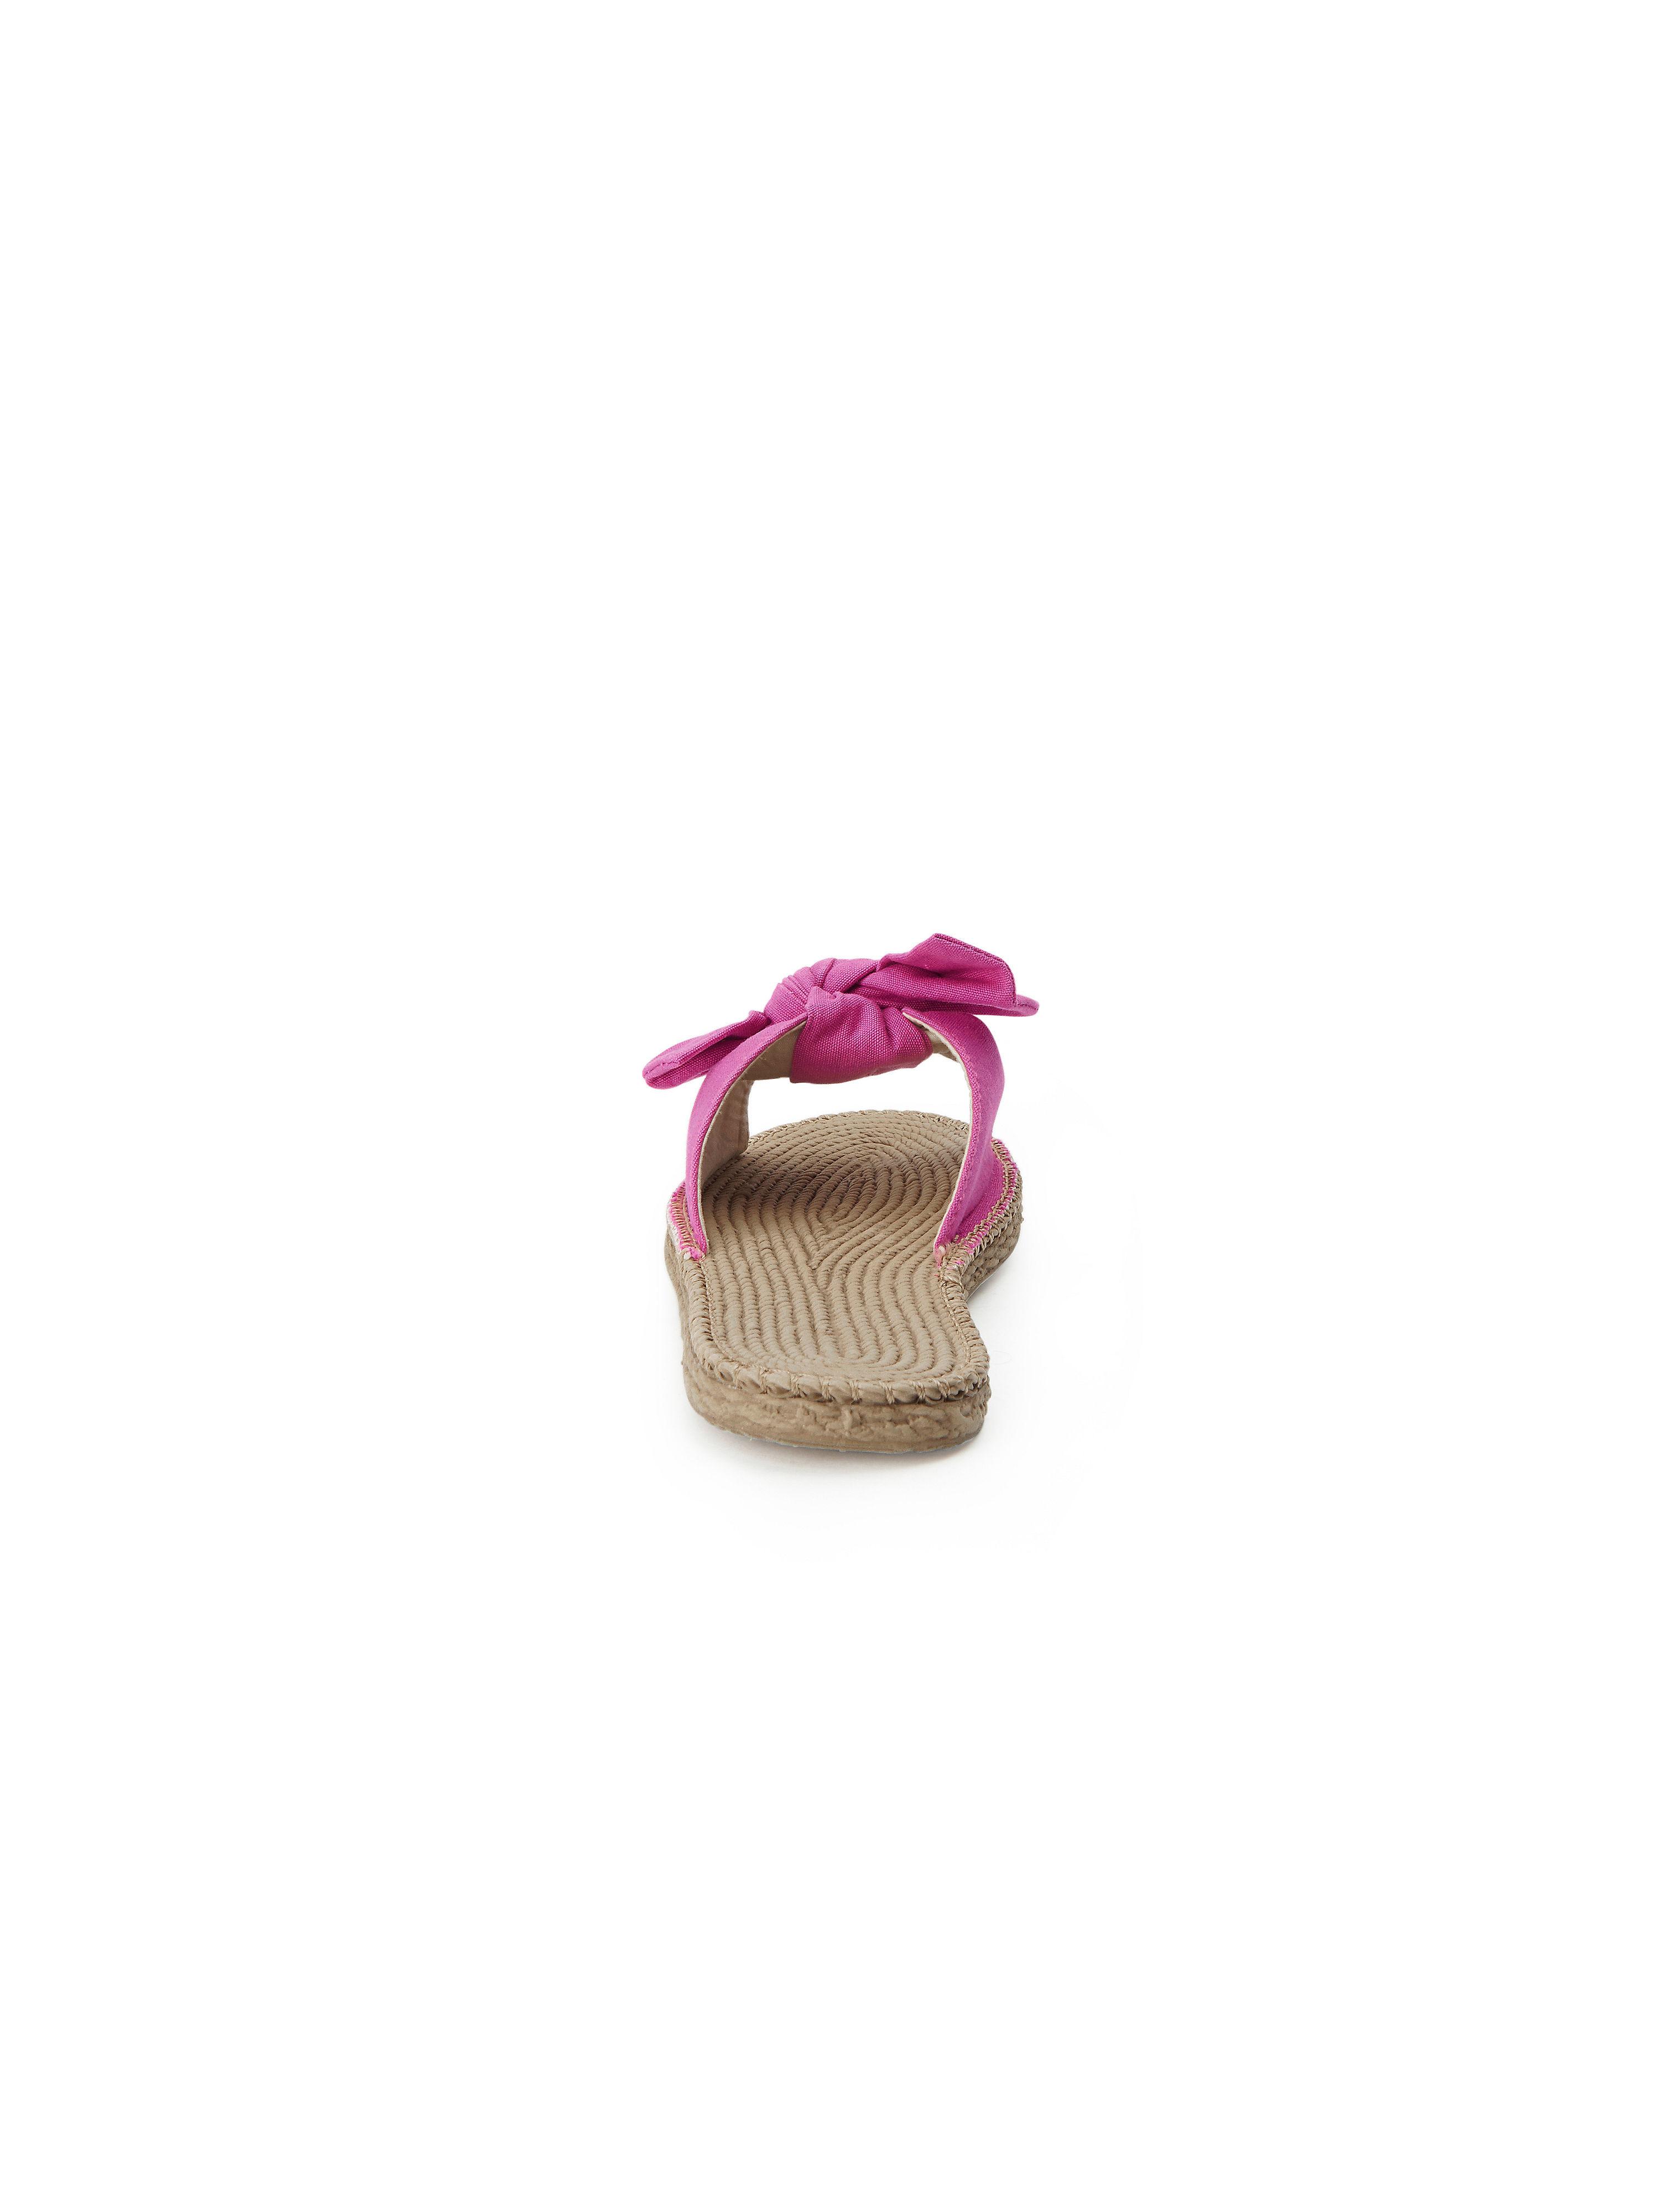 Siebi´s - Pantolette - beliebte Fuchsia Gute Qualität beliebte - Schuhe 903d6a